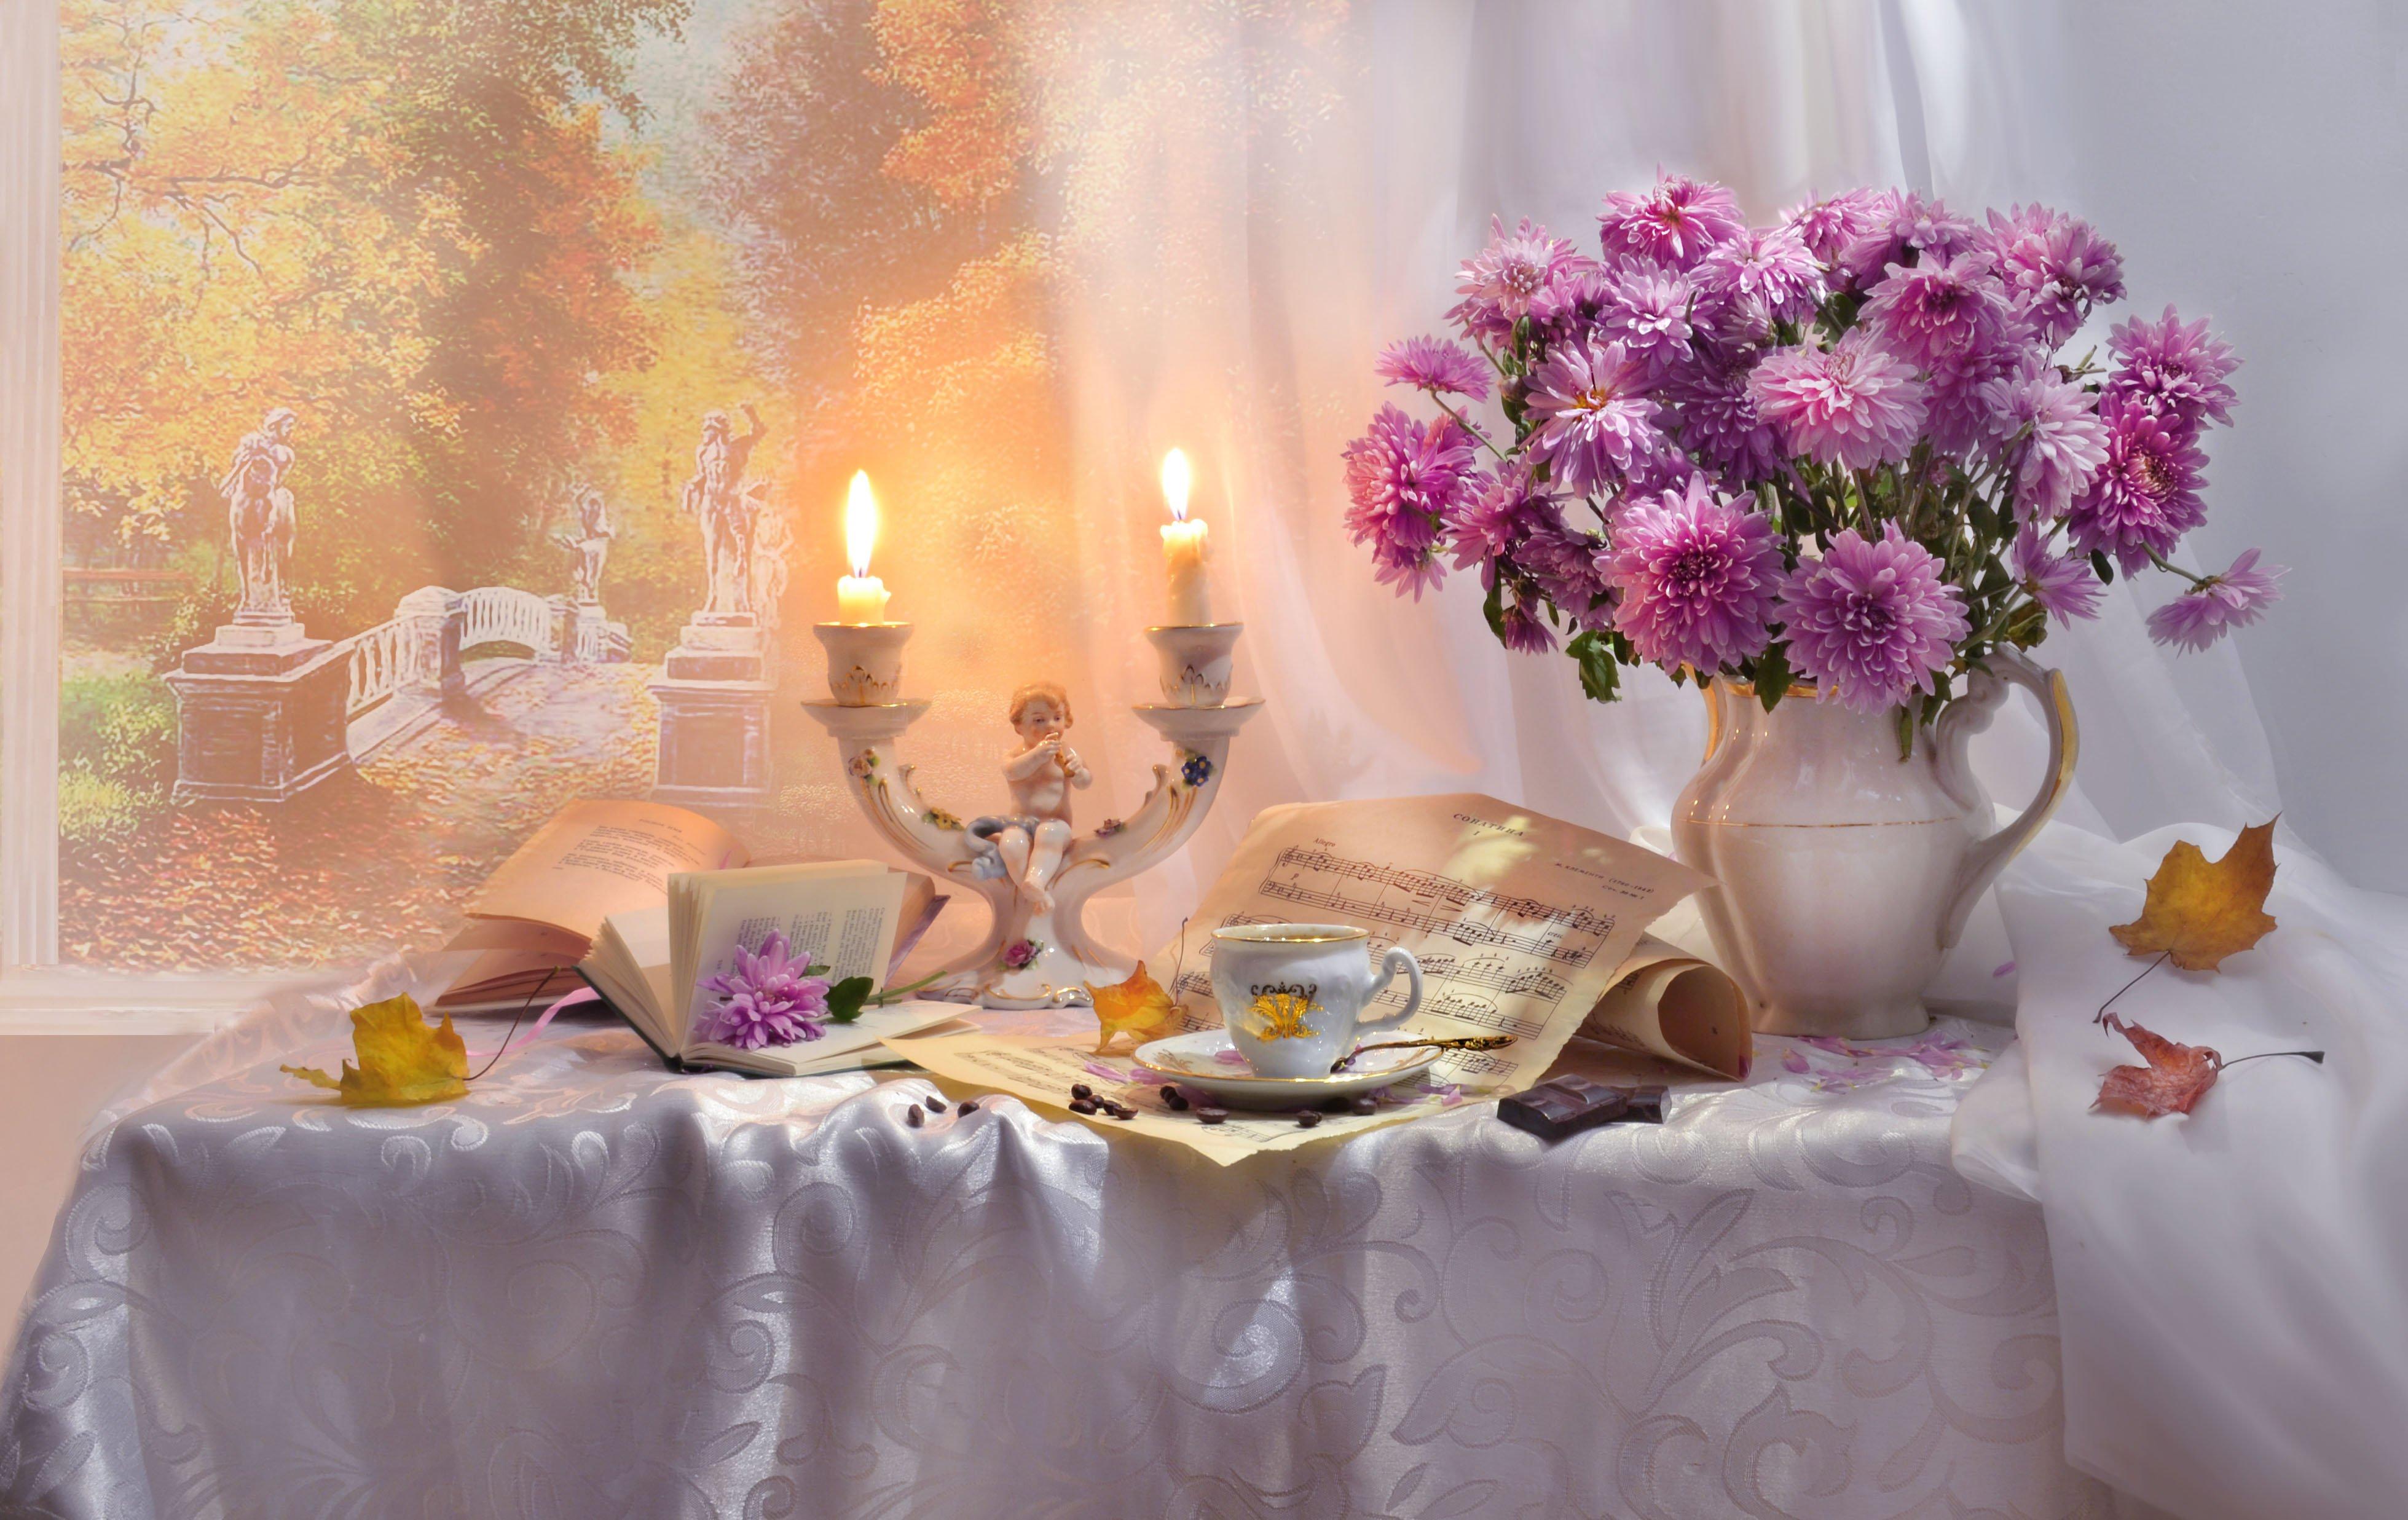 still life, натюрморт, цветы, хризантемы, фото натюрморт, стихи, свечи, книги, картина маслом, ноты, чашка кофе, подсвечник, осень, октябрь, шоколад, кленовые листья,, Колова Валентина